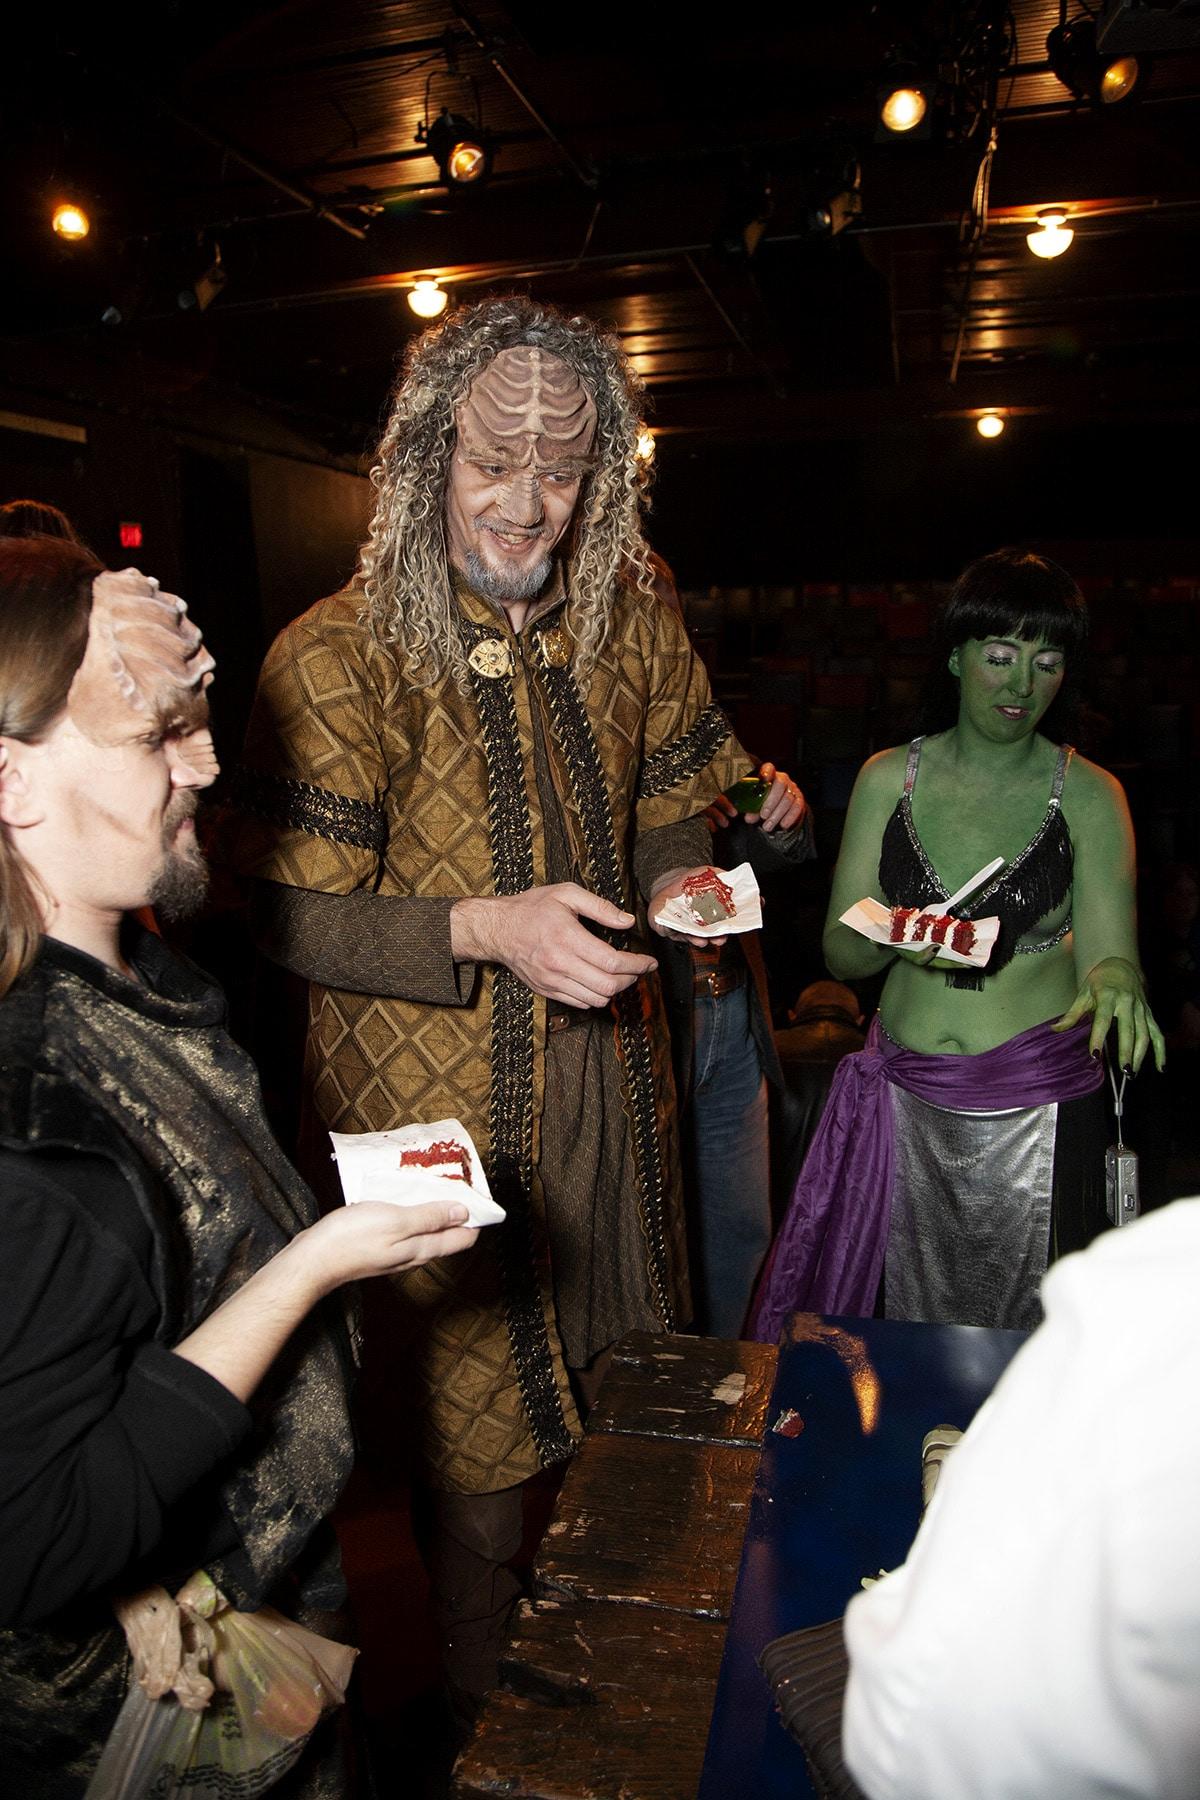 Two Klingons and an Orion slave girl enjoy slices of red velvet cake.